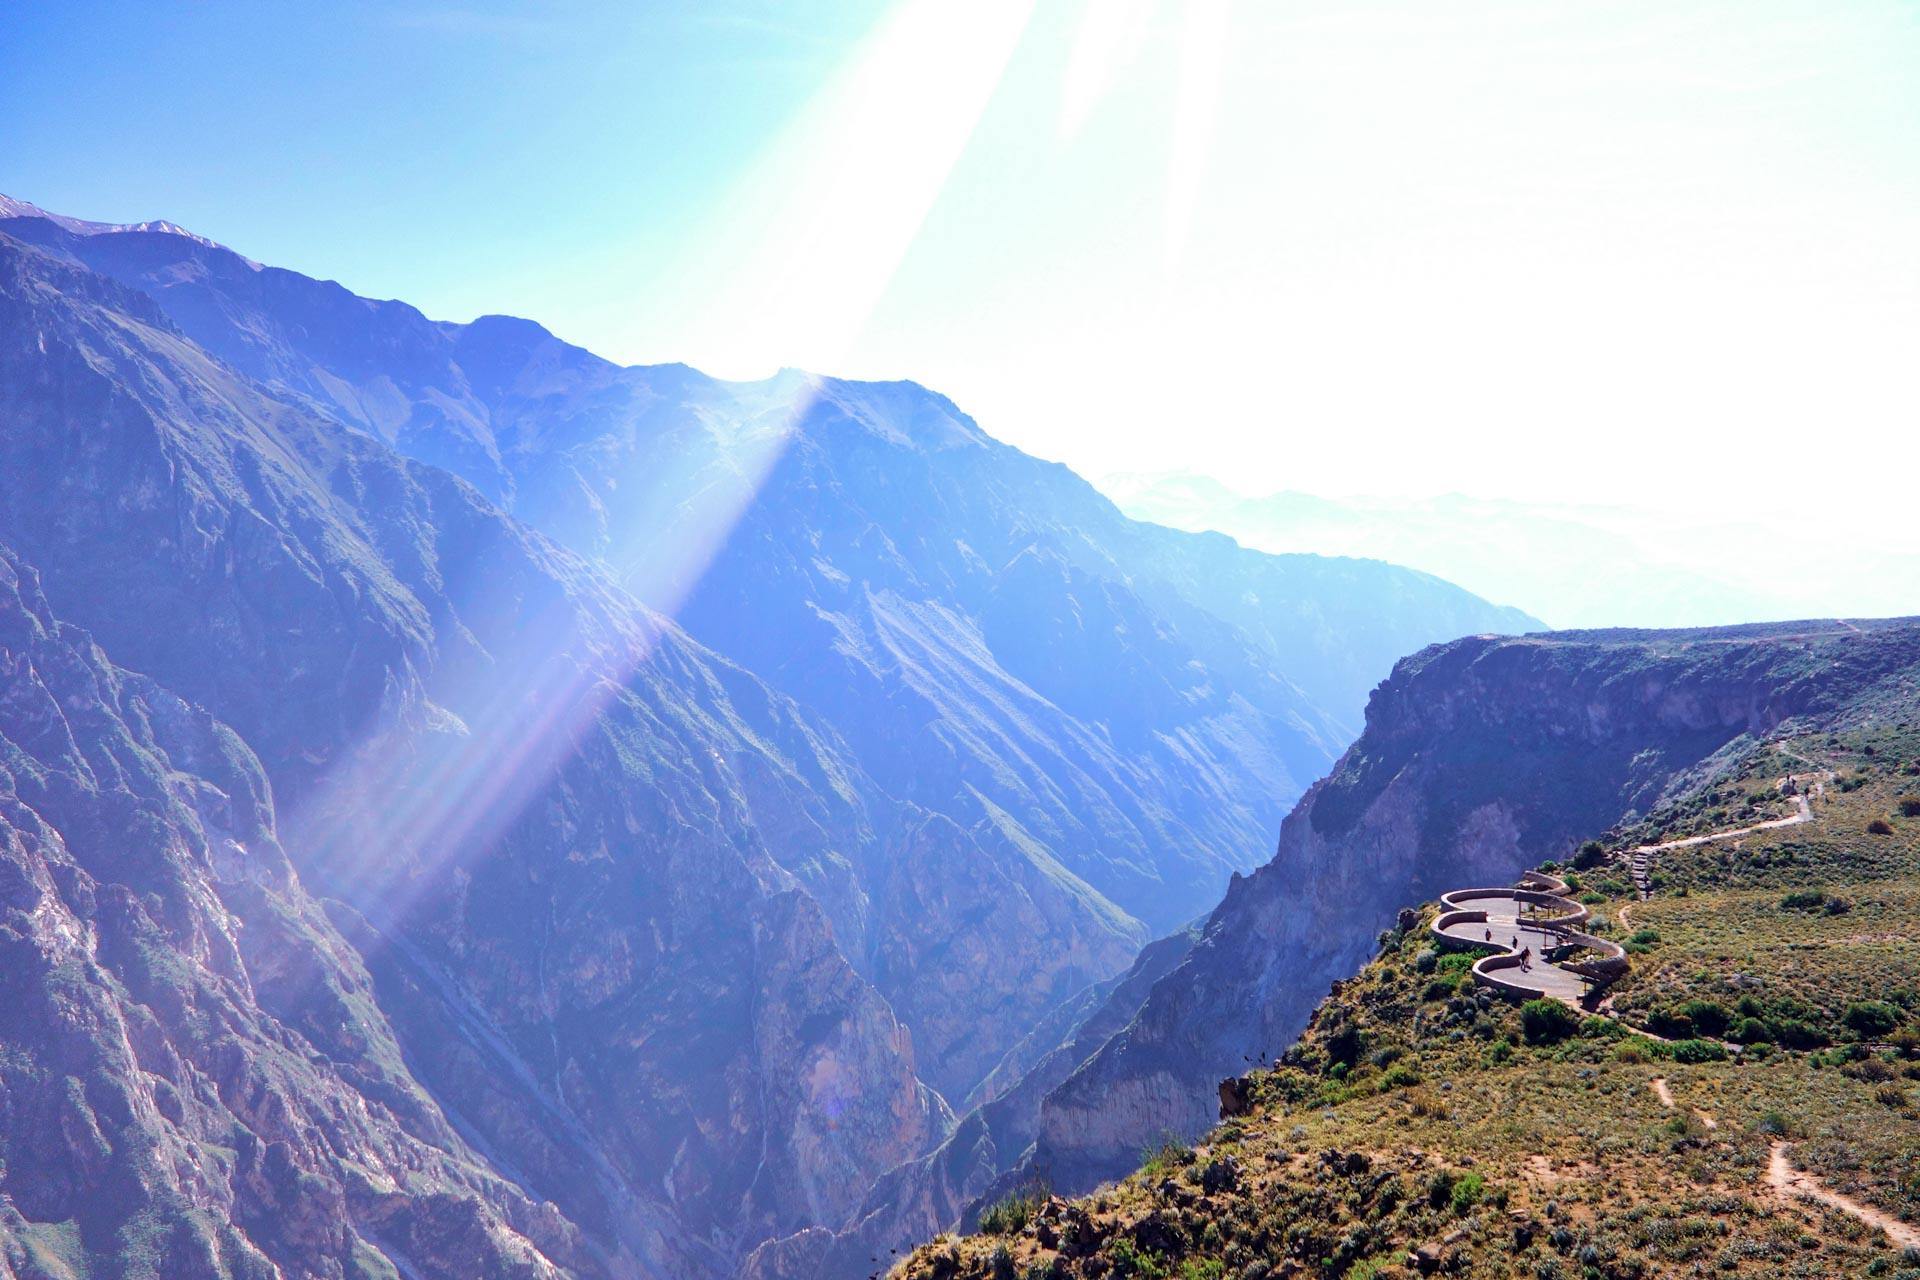 Vue depuis le mirador Cruz del Condor